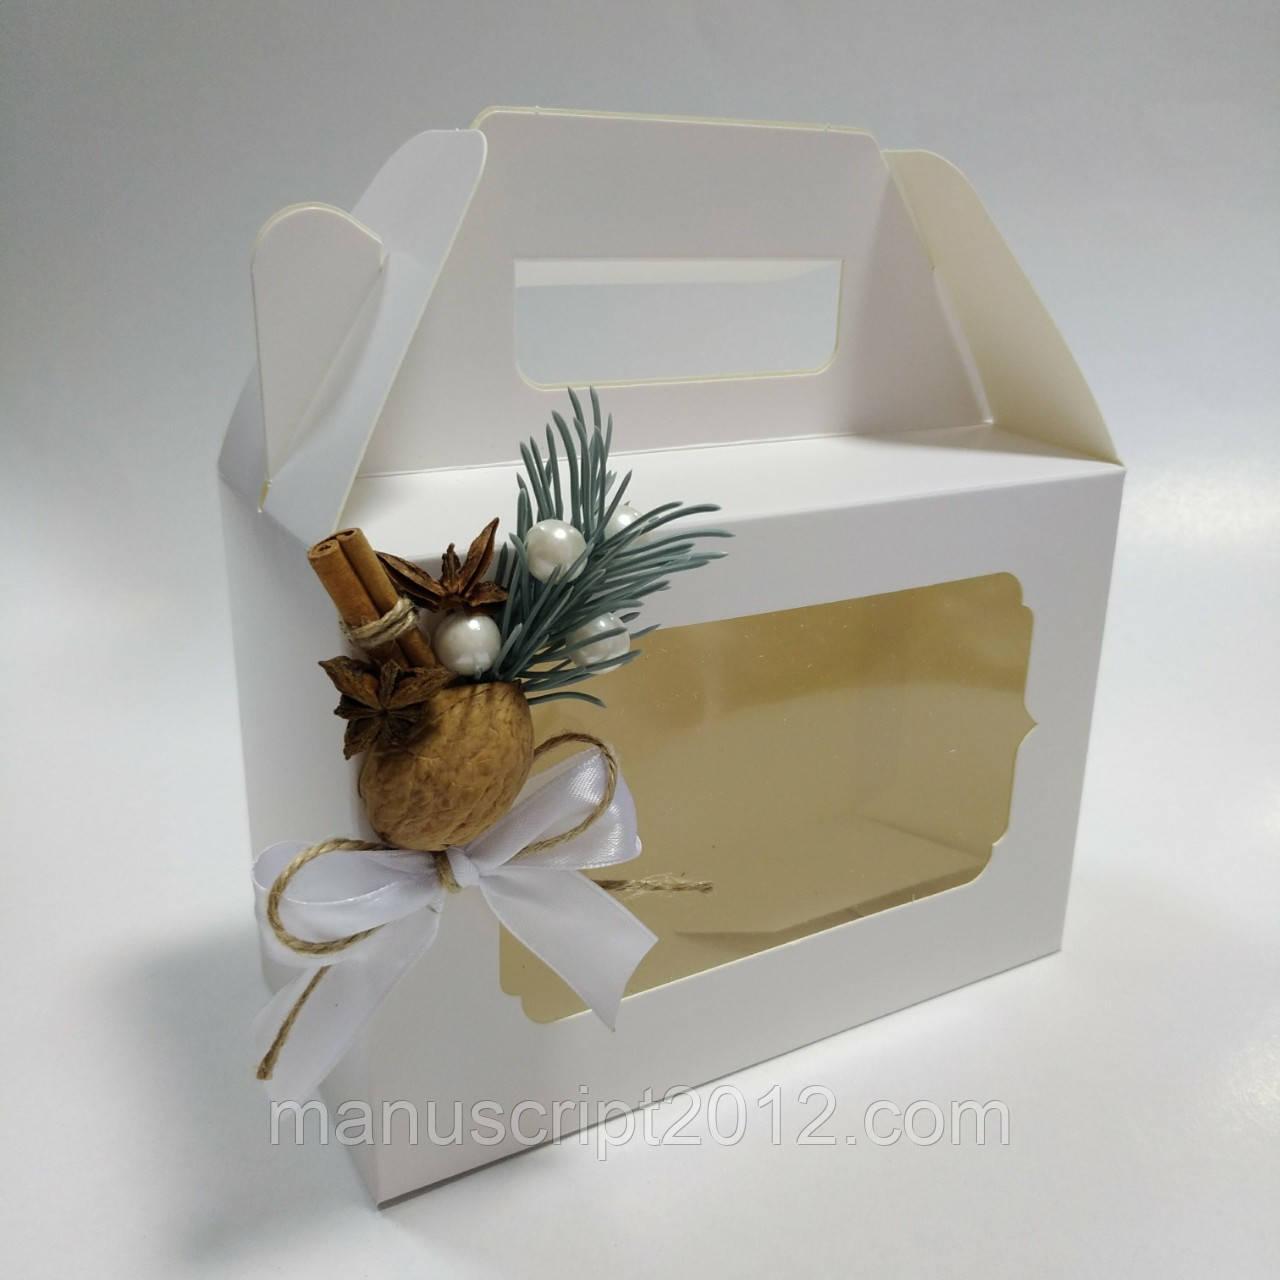 Коробка белая для подарков 190х130х90 мм.с новогодним декором